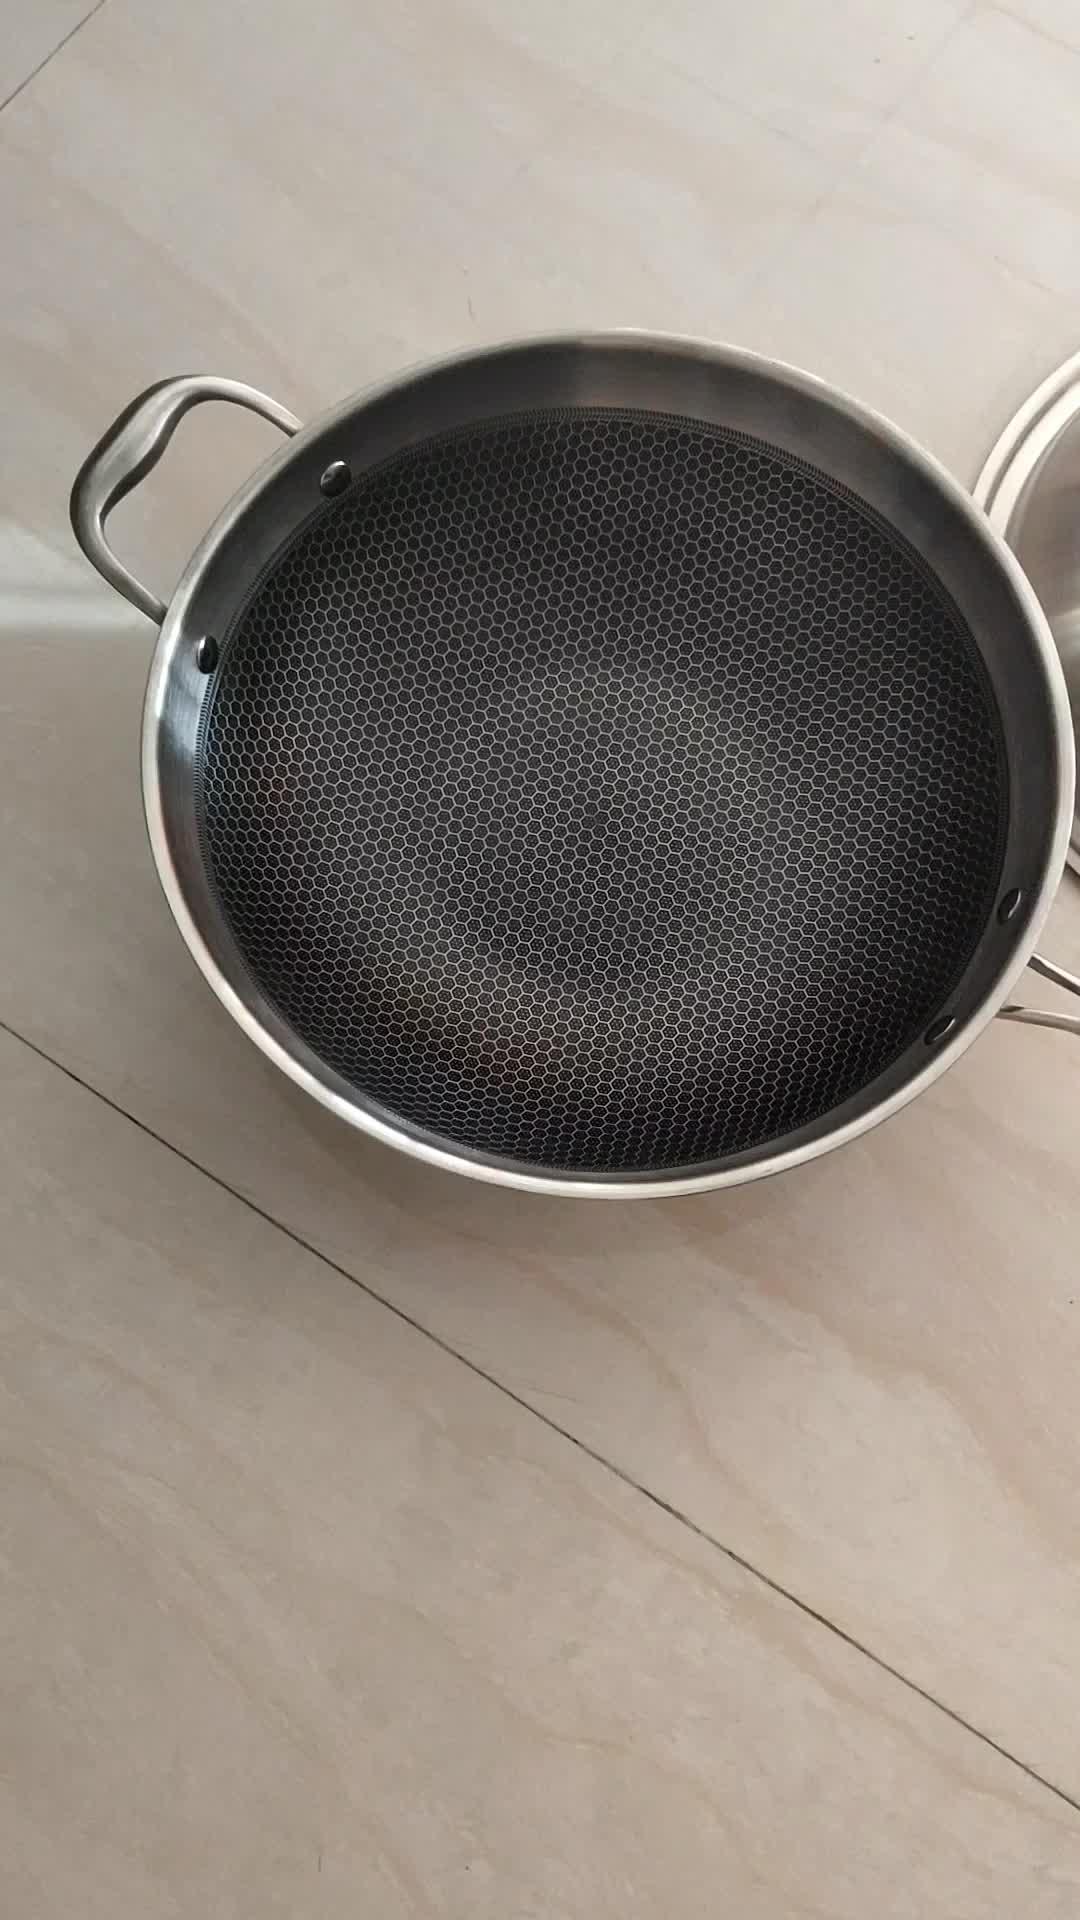 Супер SEPTEMBE20-22-24cm 304 нержавеющая сталь антипригарное покрытие круглая сковорода ИНДУКЦИЯ приготовления глубокая сковорода с длинной ручкой